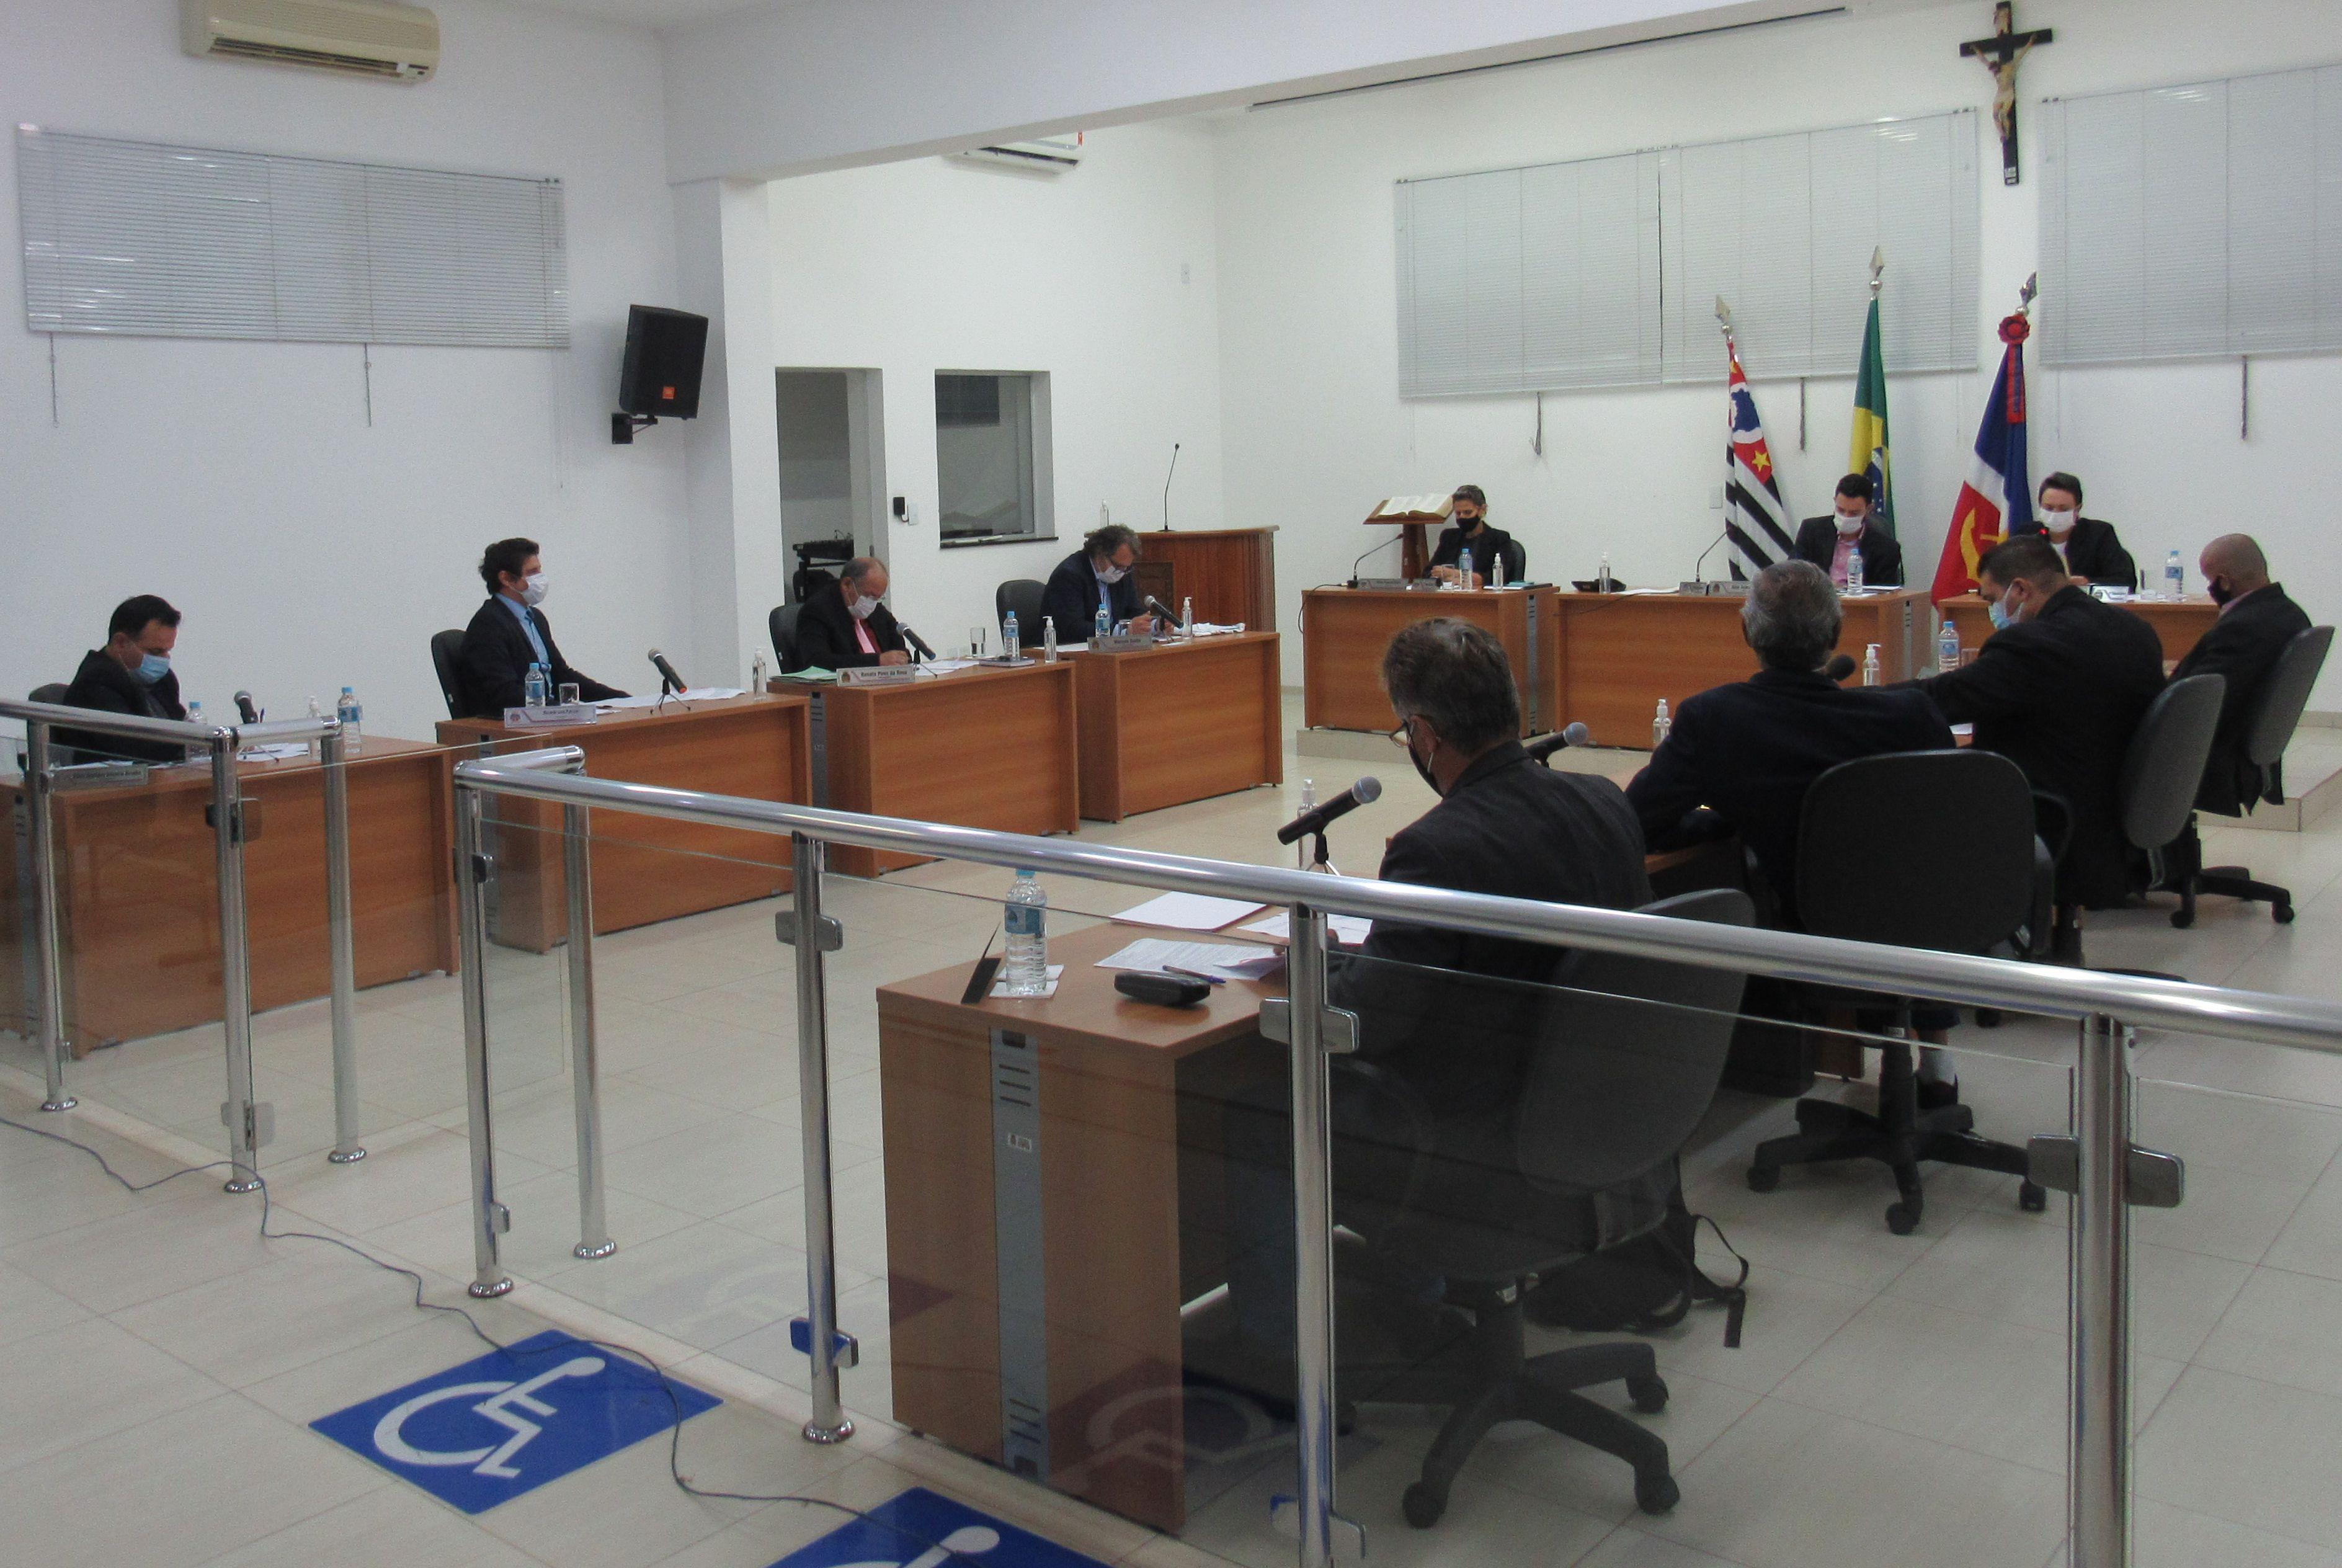 Câmara aprova projeto que regula instalação de videomonitoramento